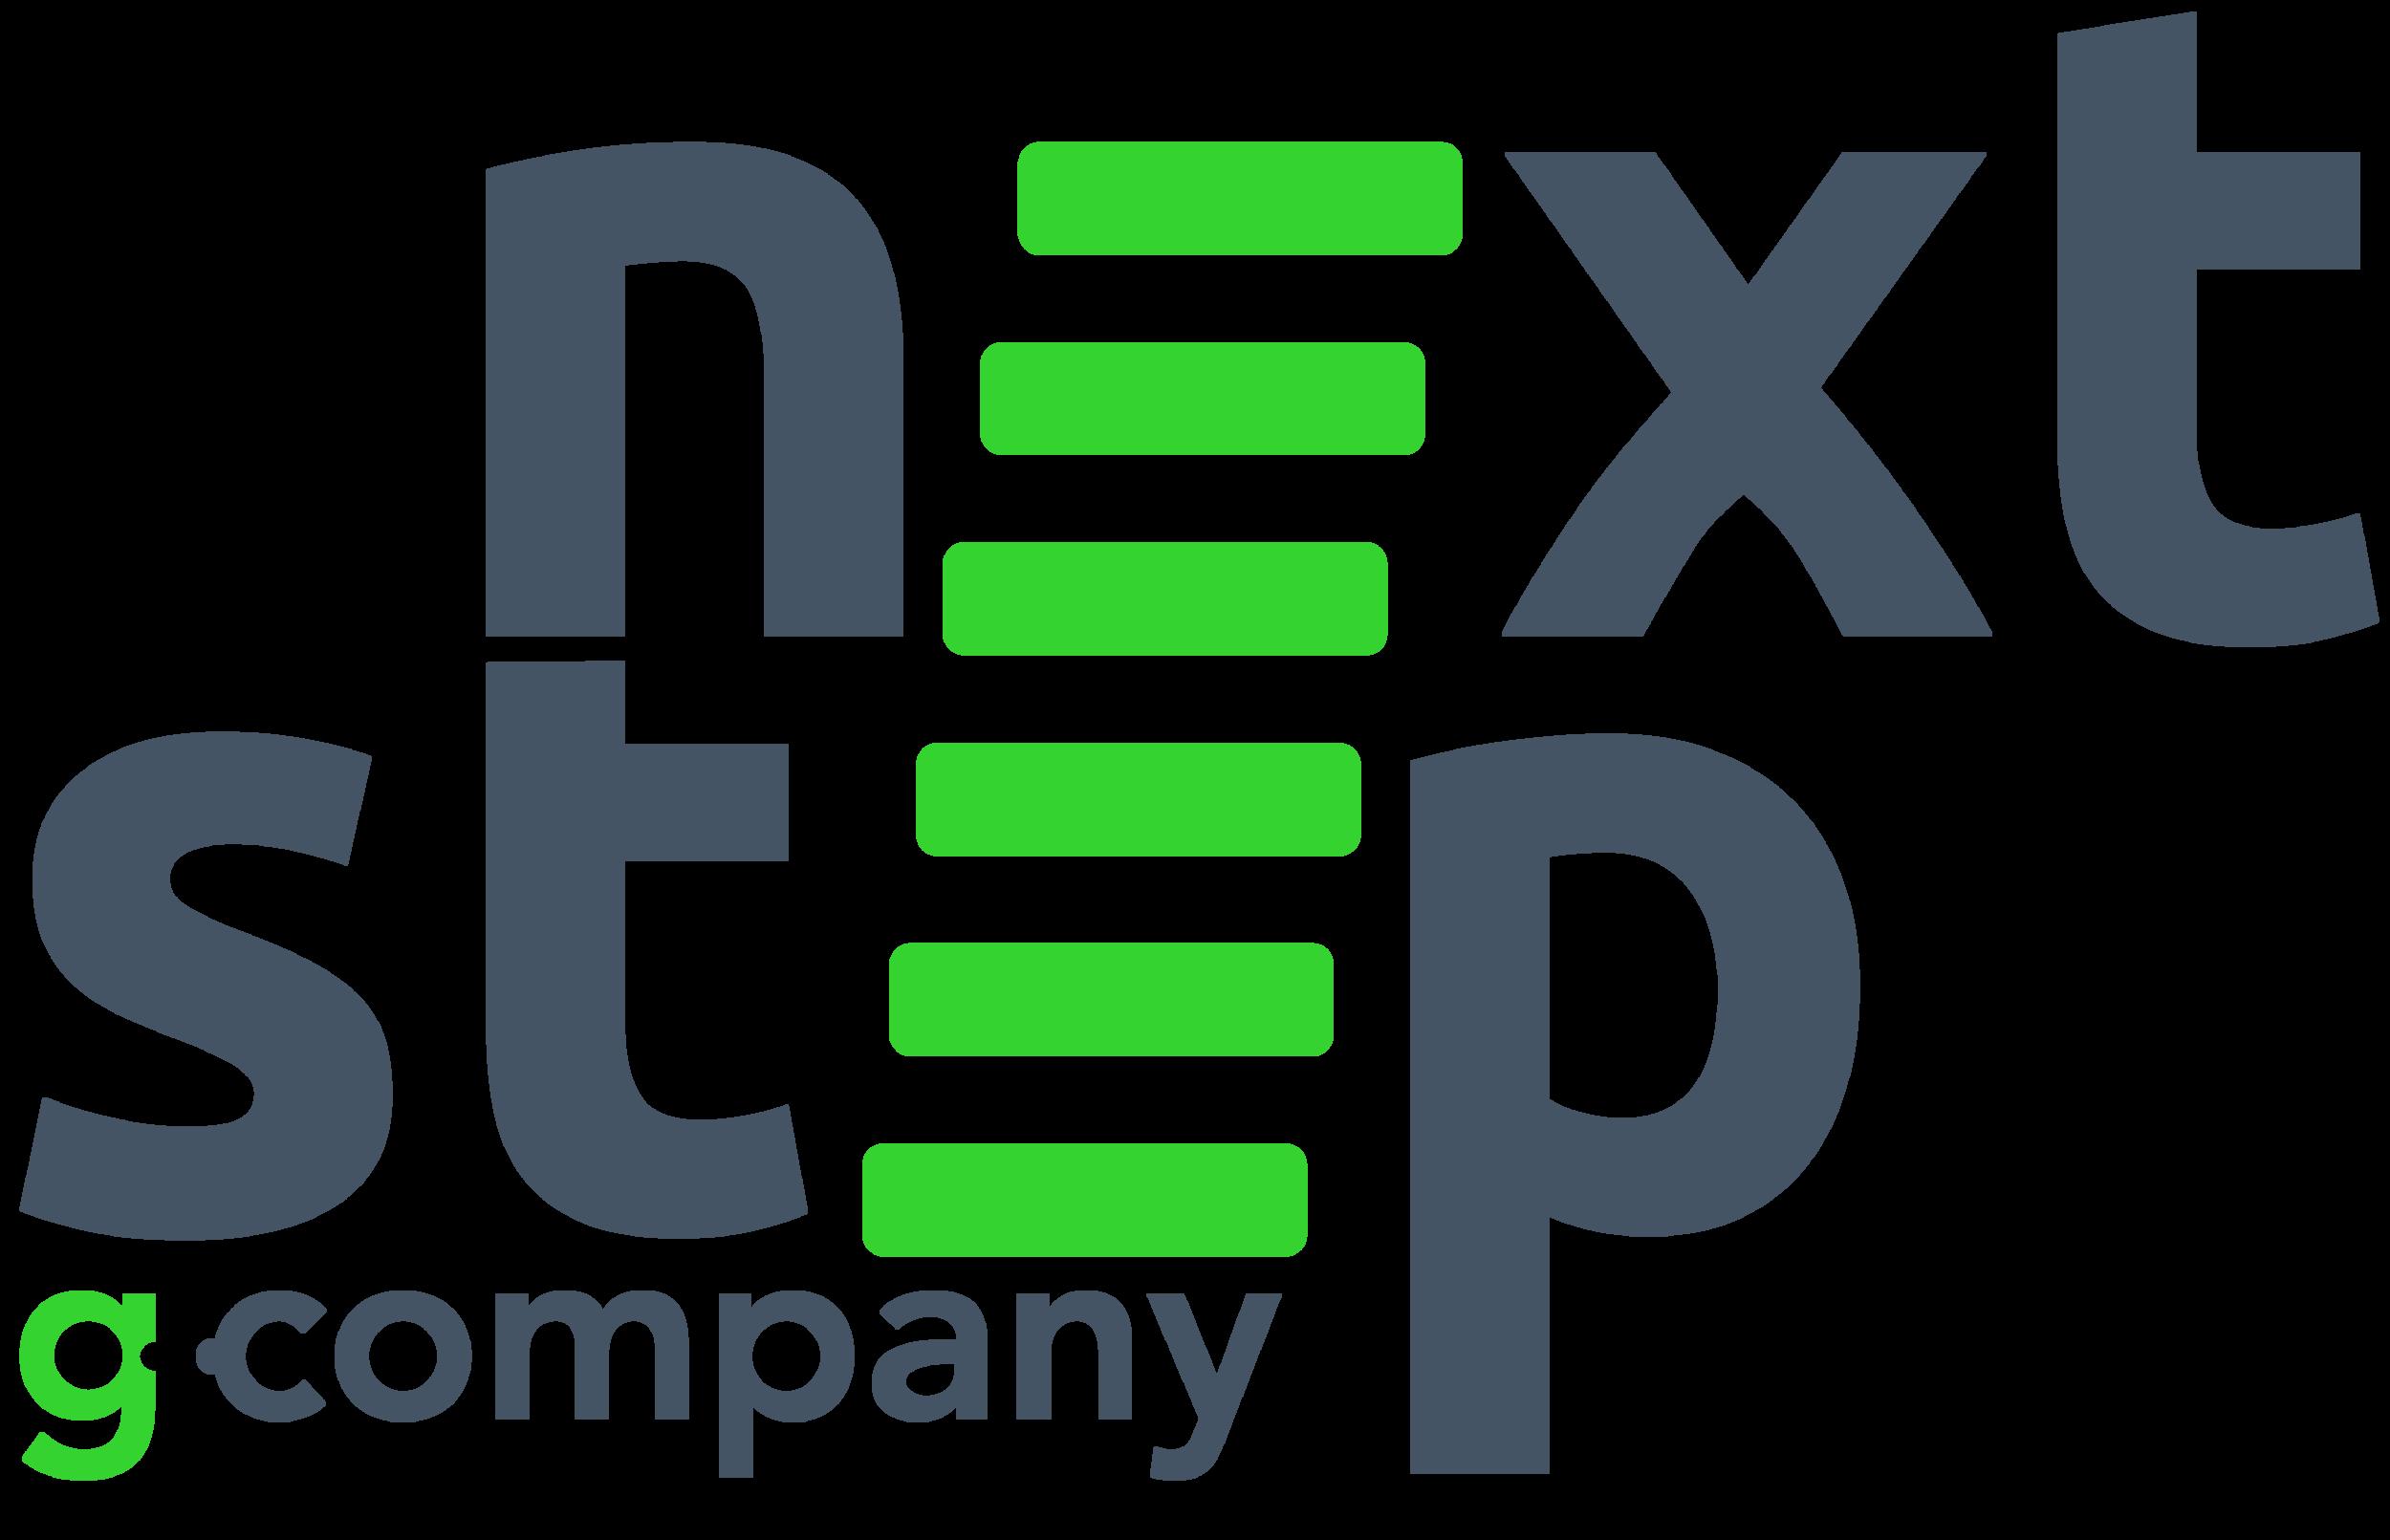 nextstep2019.png